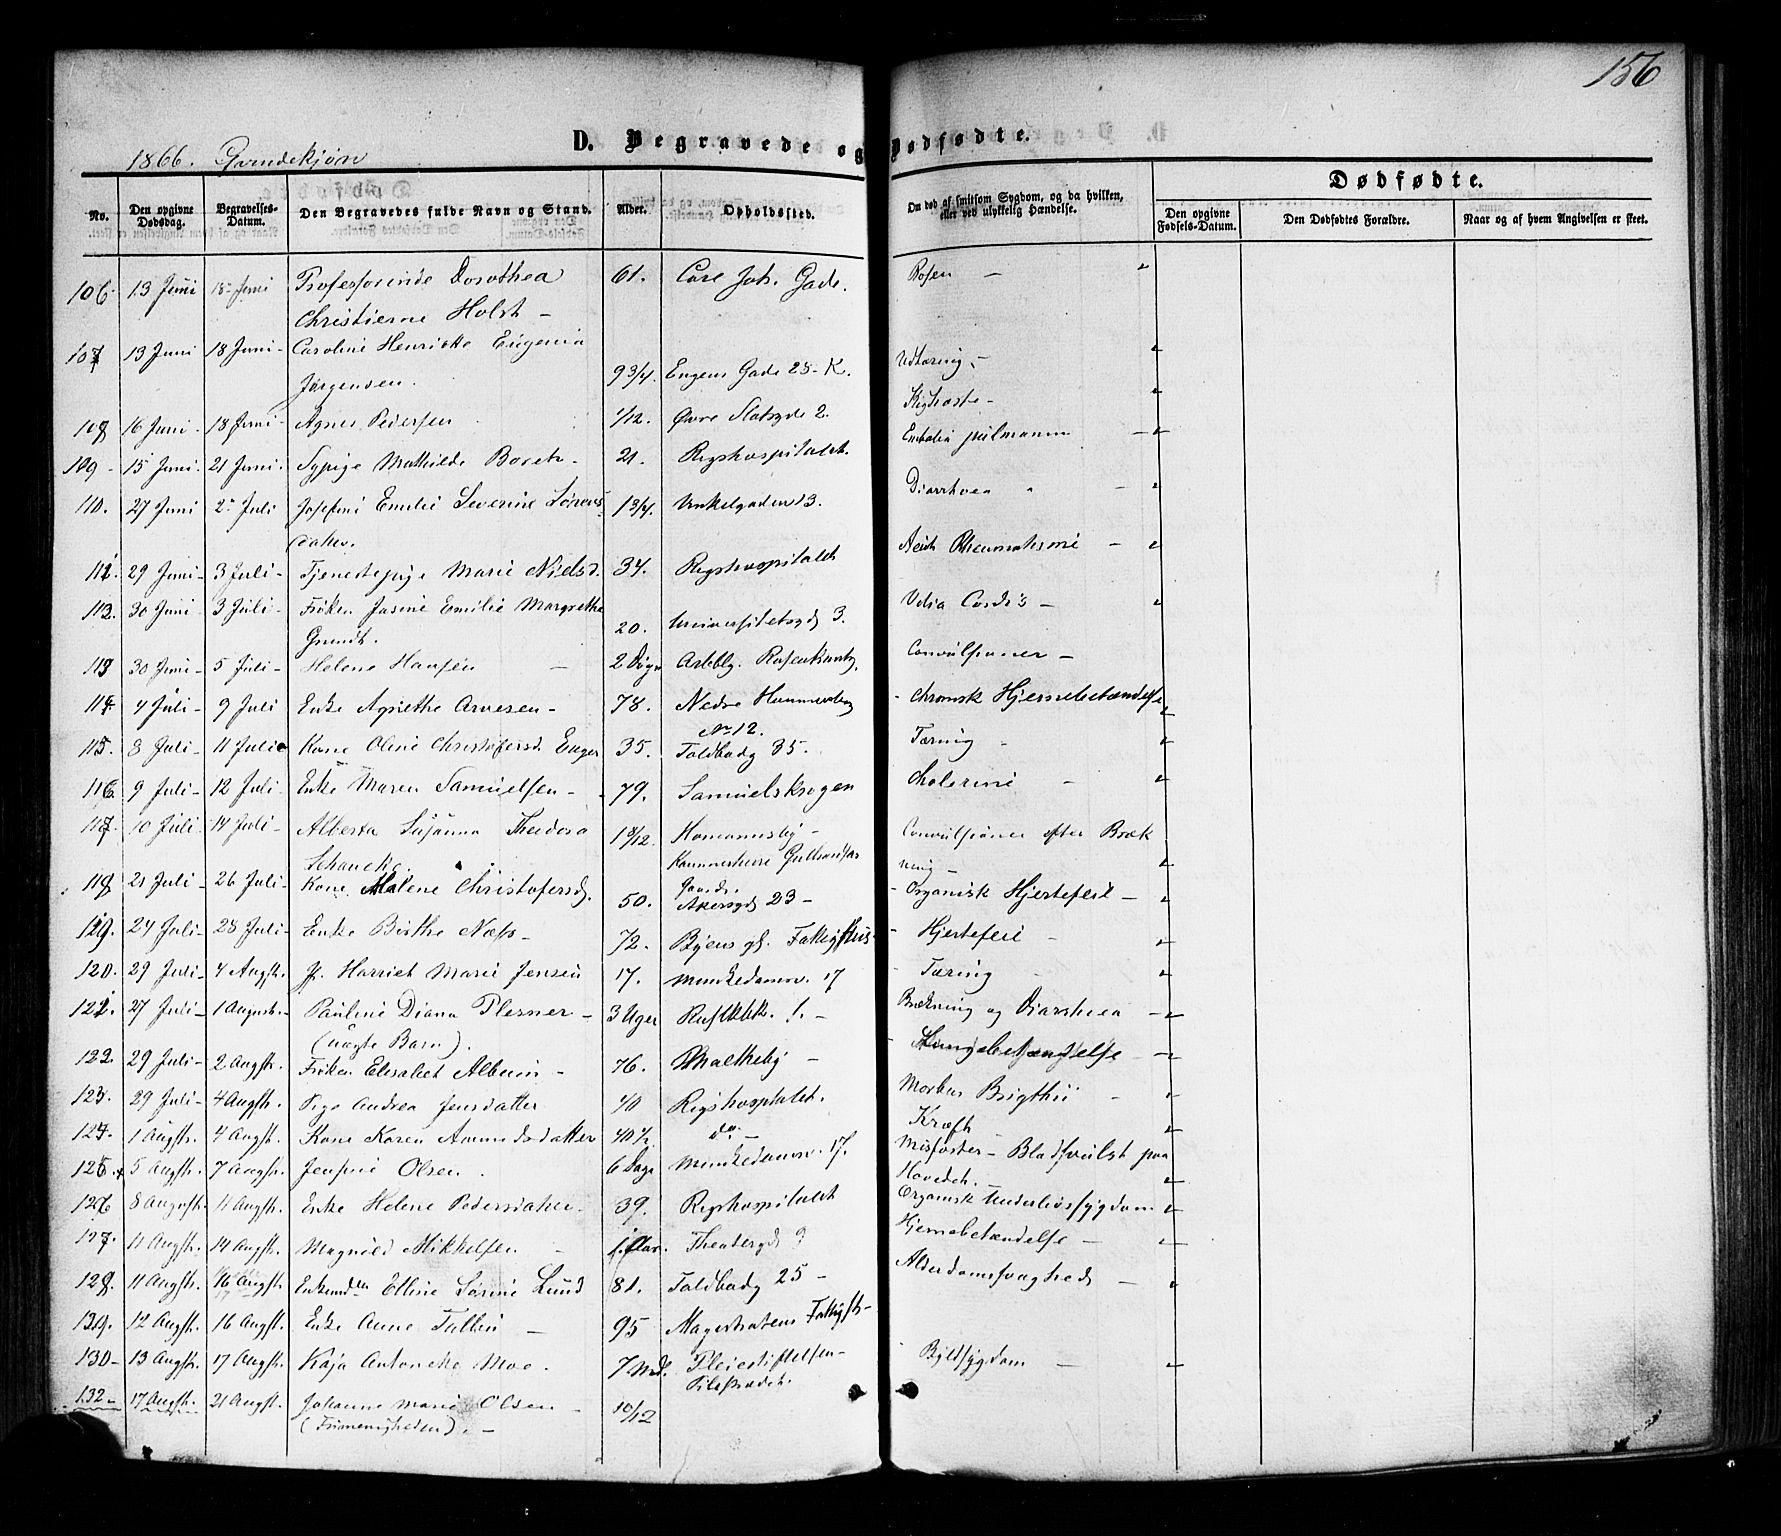 SAO, Trefoldighet prestekontor Kirkebøker, F/Fd/L0001: Ministerialbok nr. IV 1, 1858-1877, s. 156